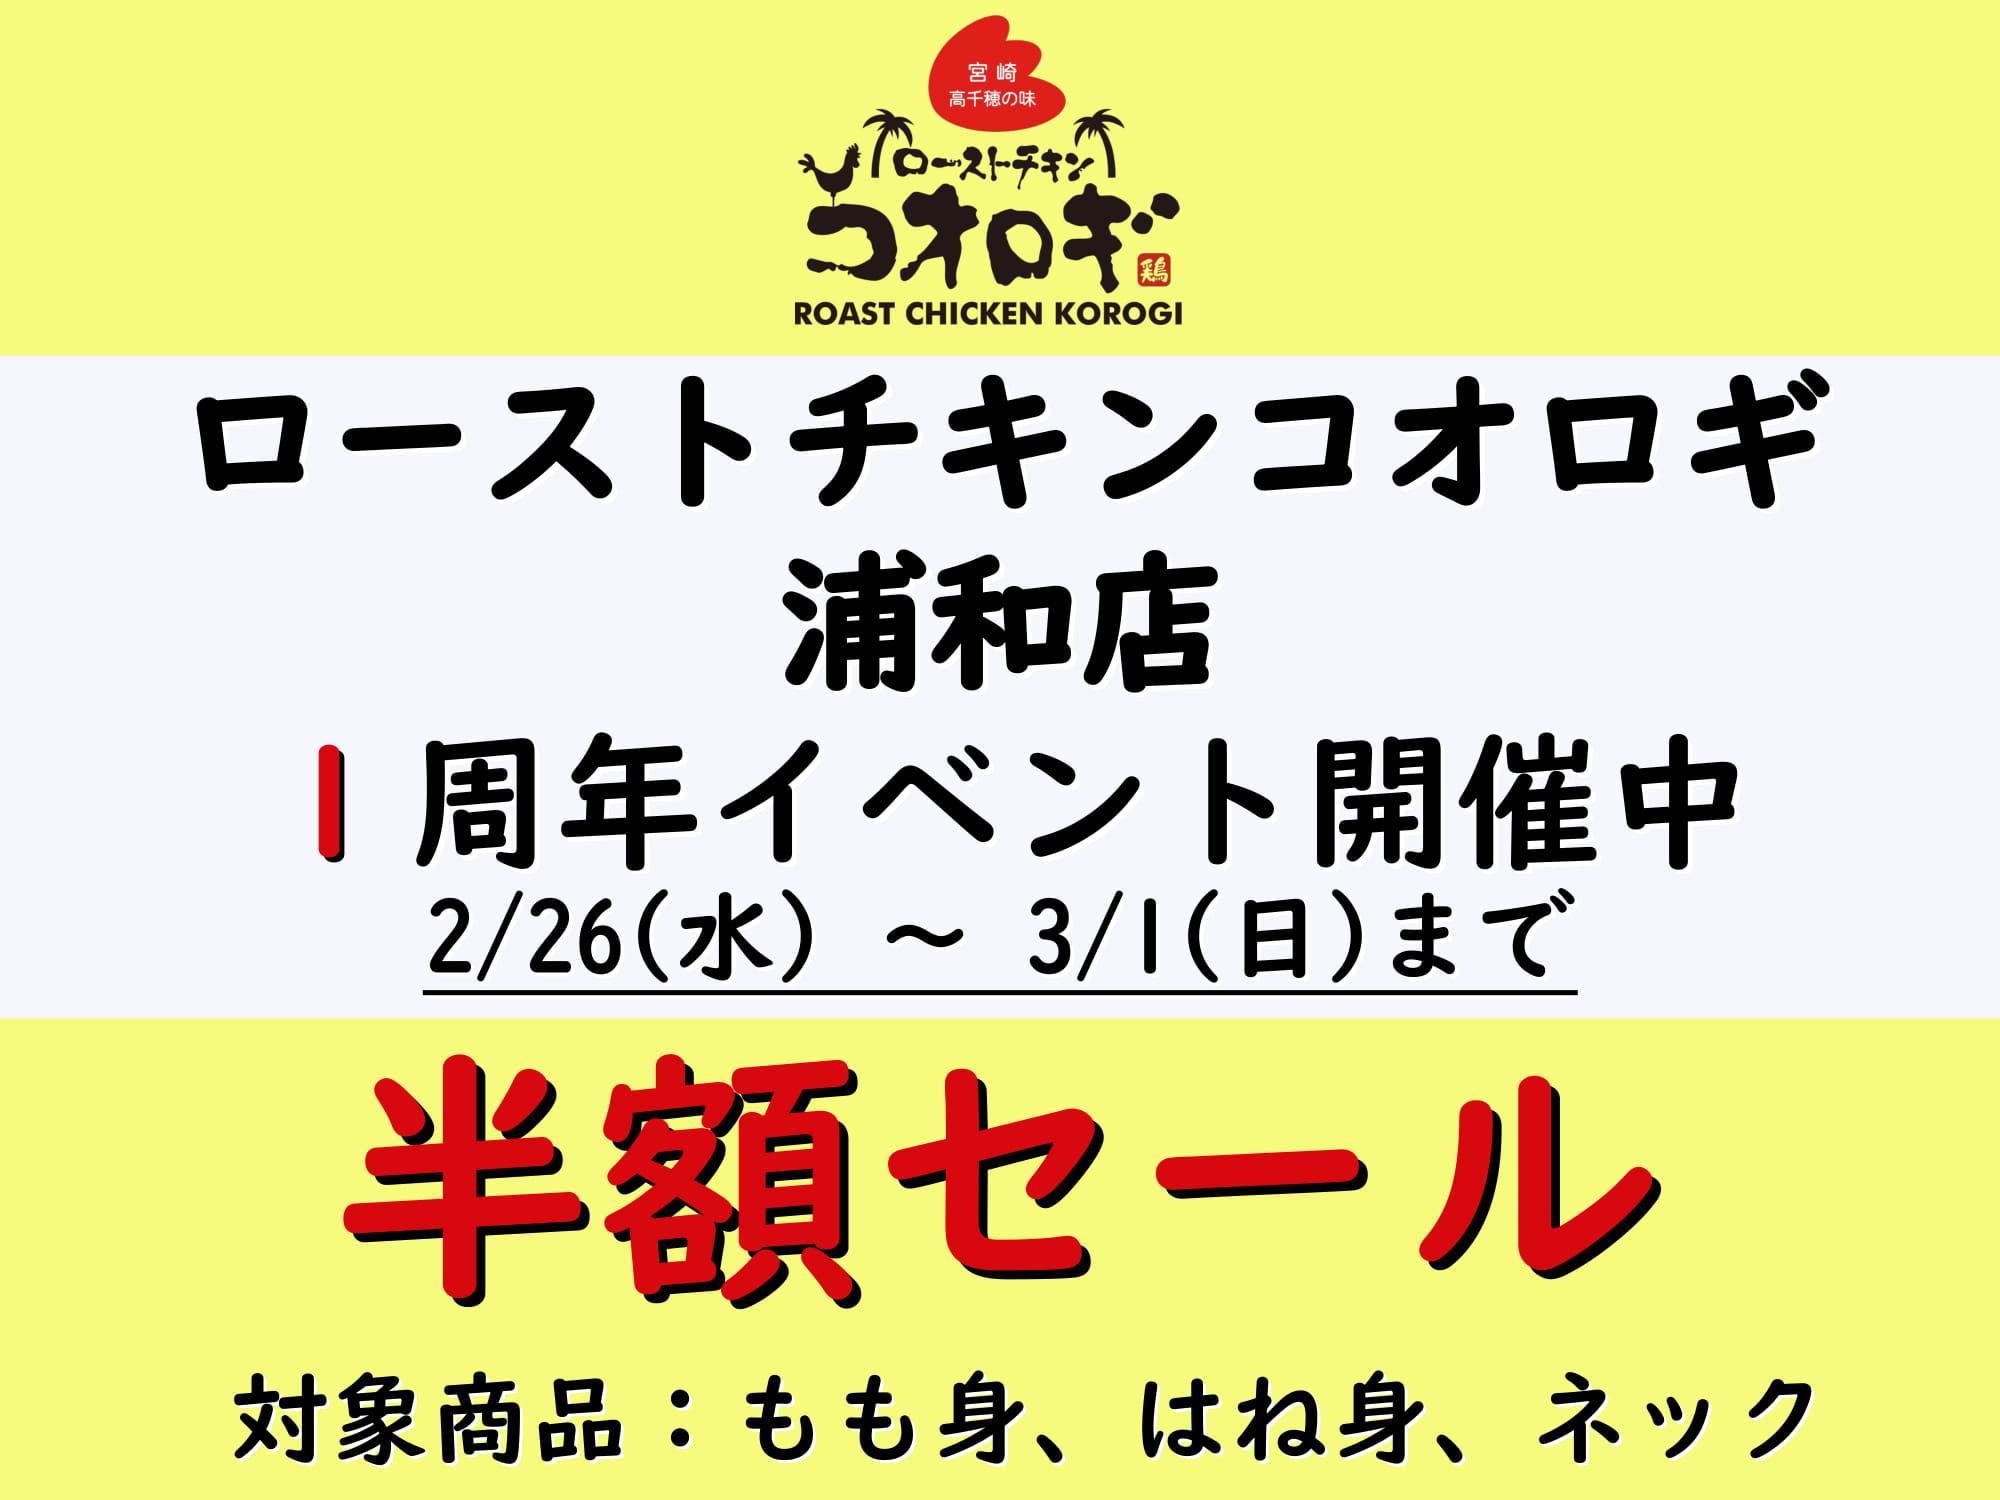 浦和店1周年記念イベント開催